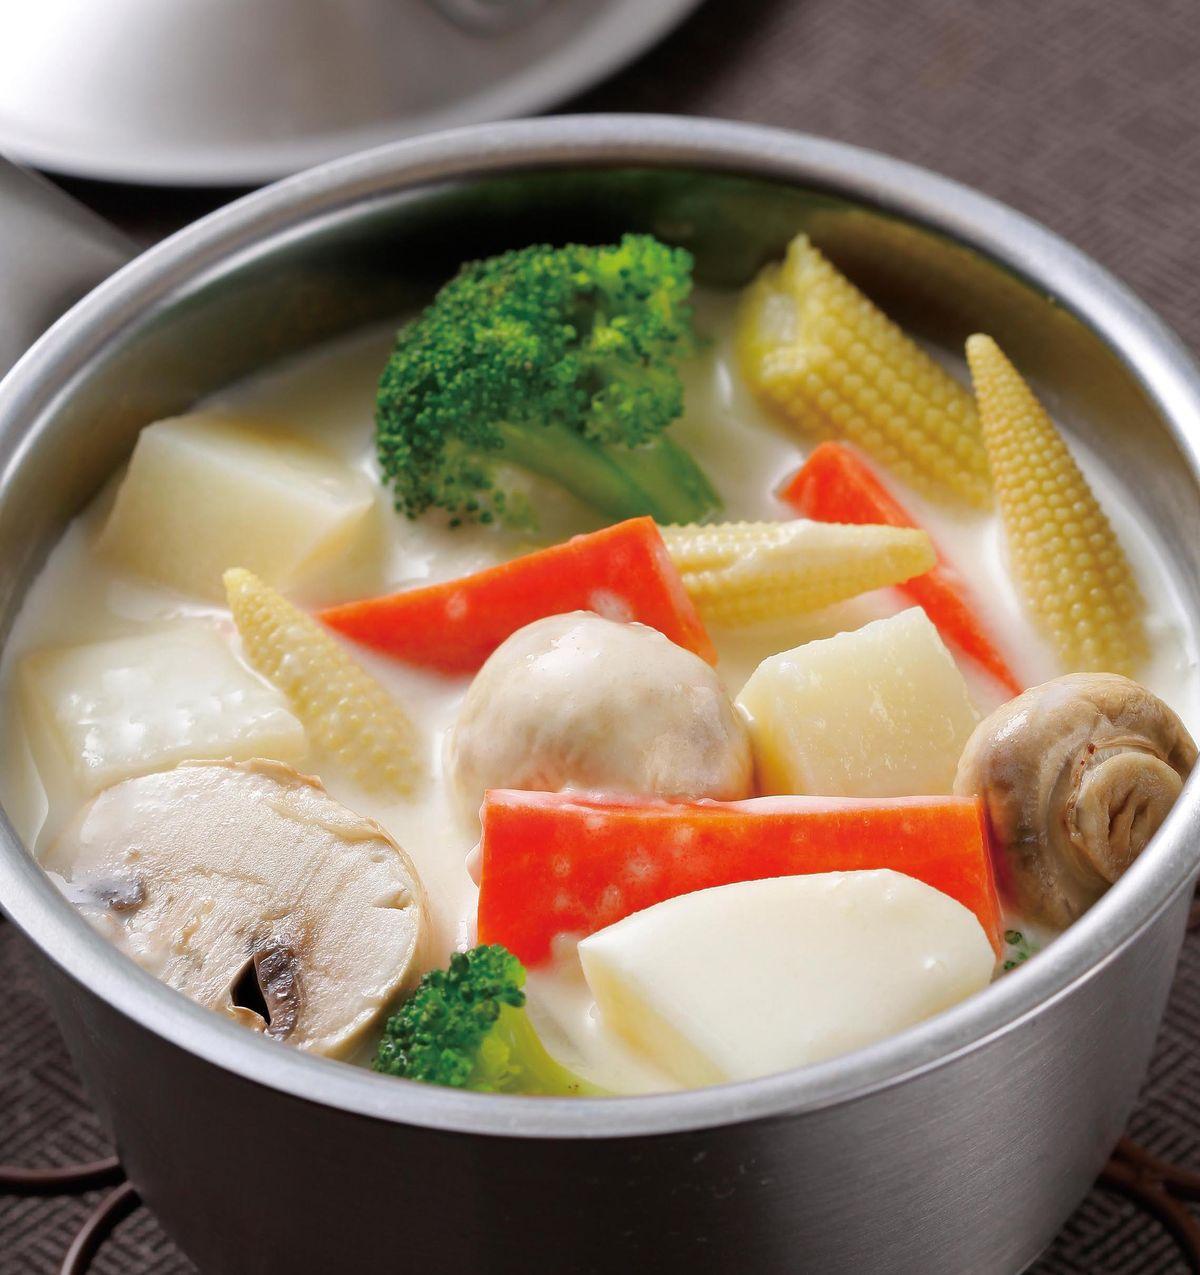 食譜:奶油蔬菜鍋